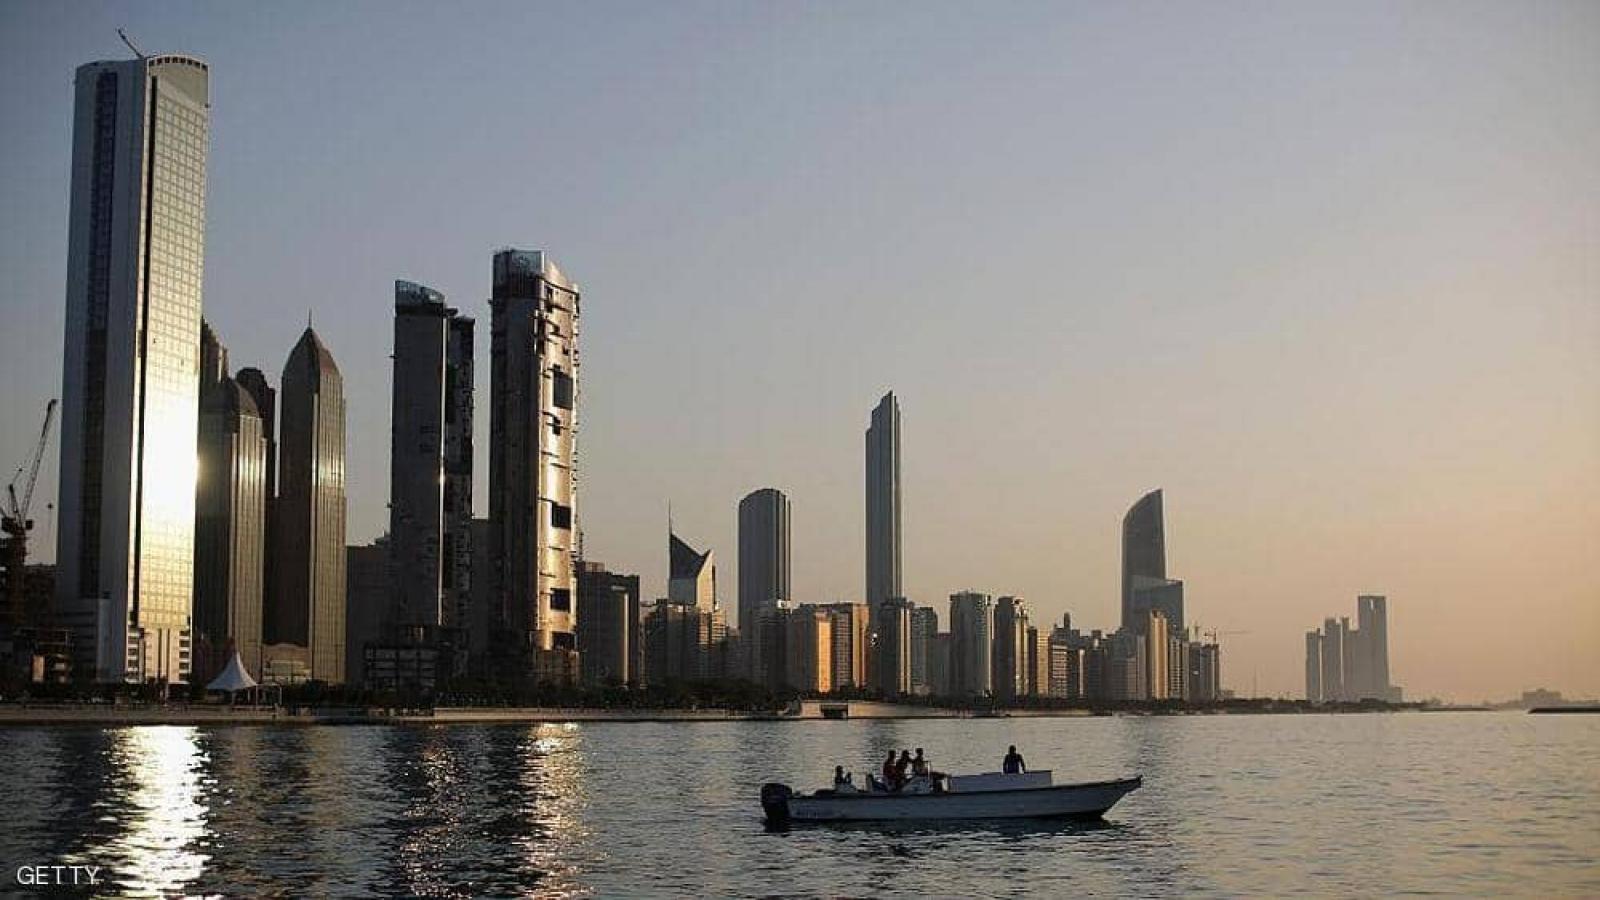 Abu Dhabi đứng đầu bảng xếp hạng toàn cầu về ứng phó với đại dịch